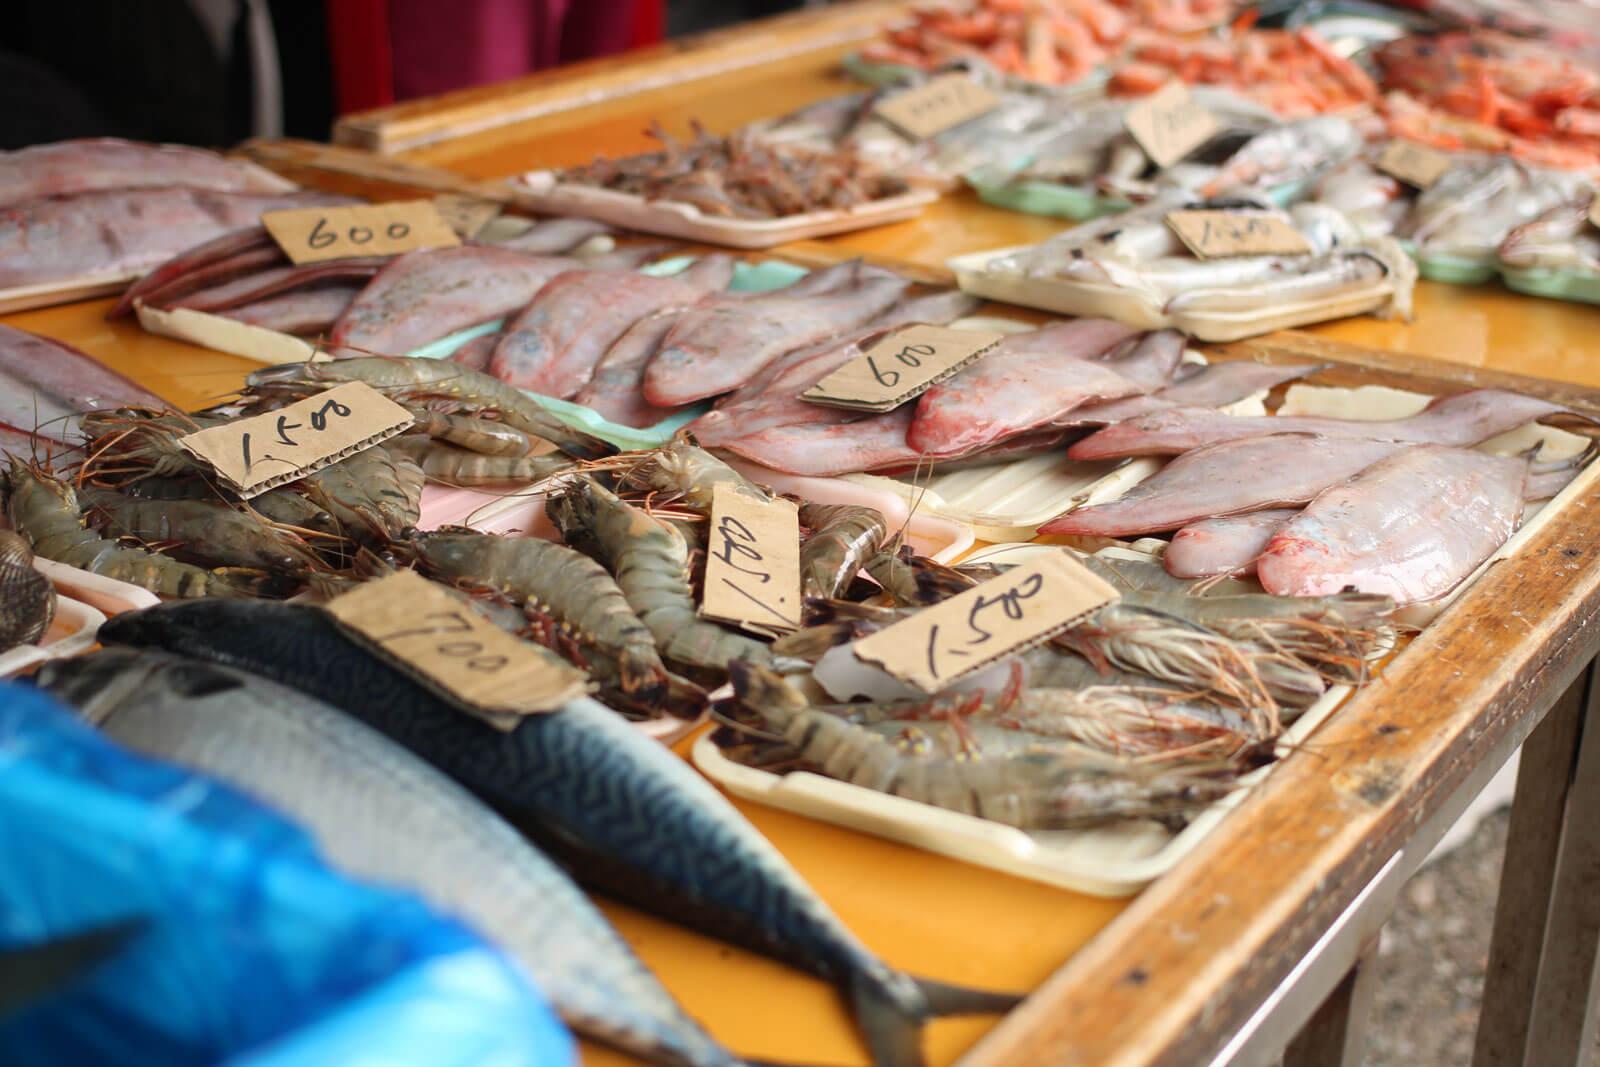 吉池二七市 店先に並べられた魚介類